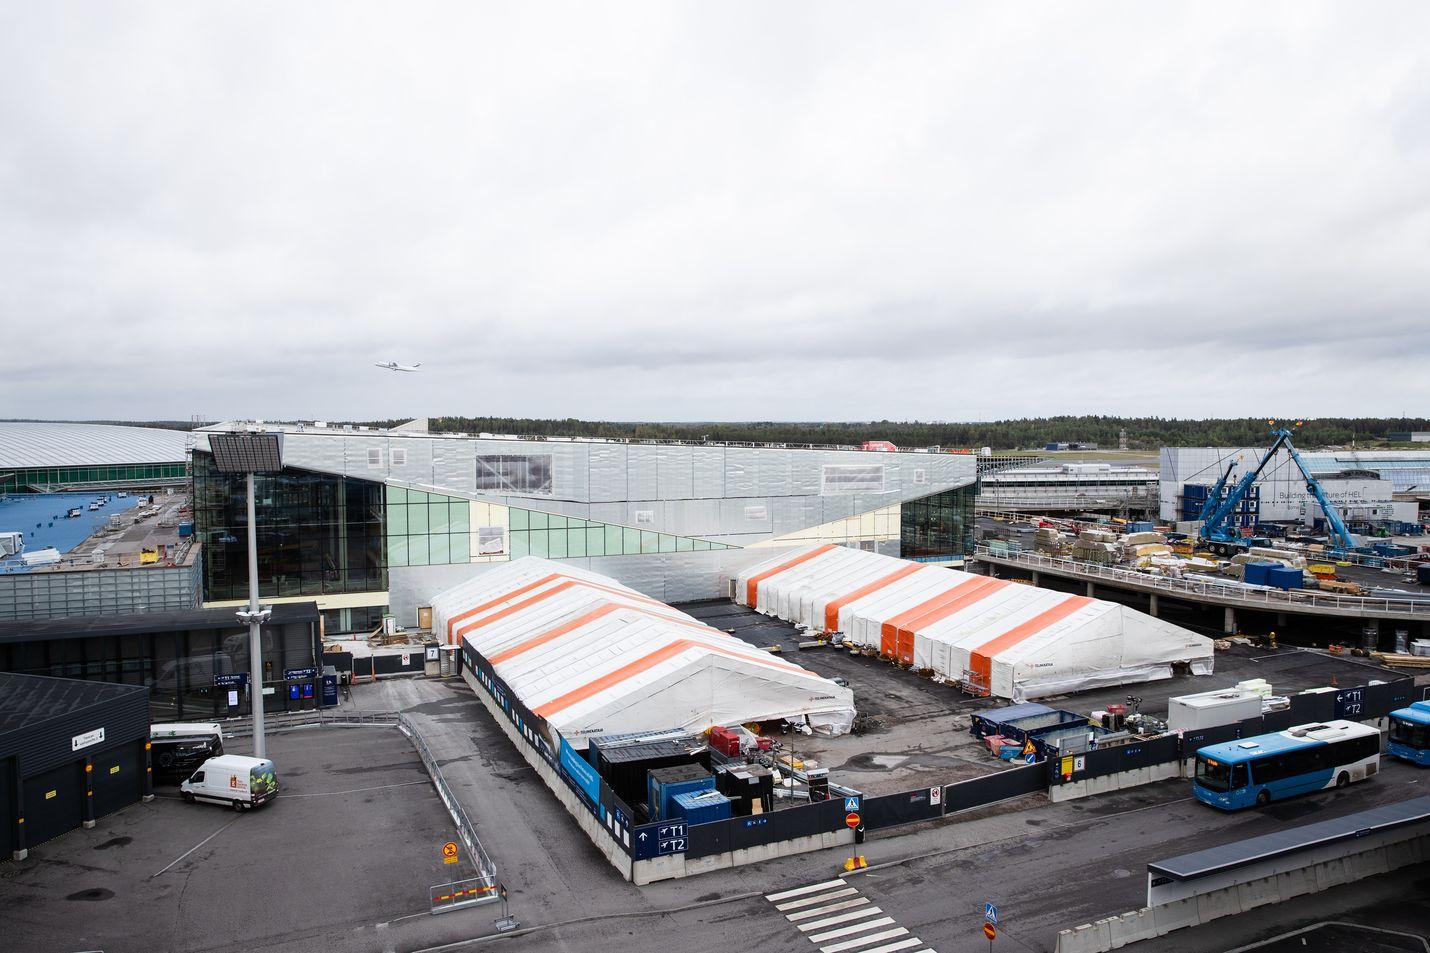 Terminaali 2:n uusi pääsisäänkäynti valmistuu oikealla, jossa näkyy sininen nosturi ja paljon työmaatavaraa. Sen edustalle tulee matkustajien saattoalue.